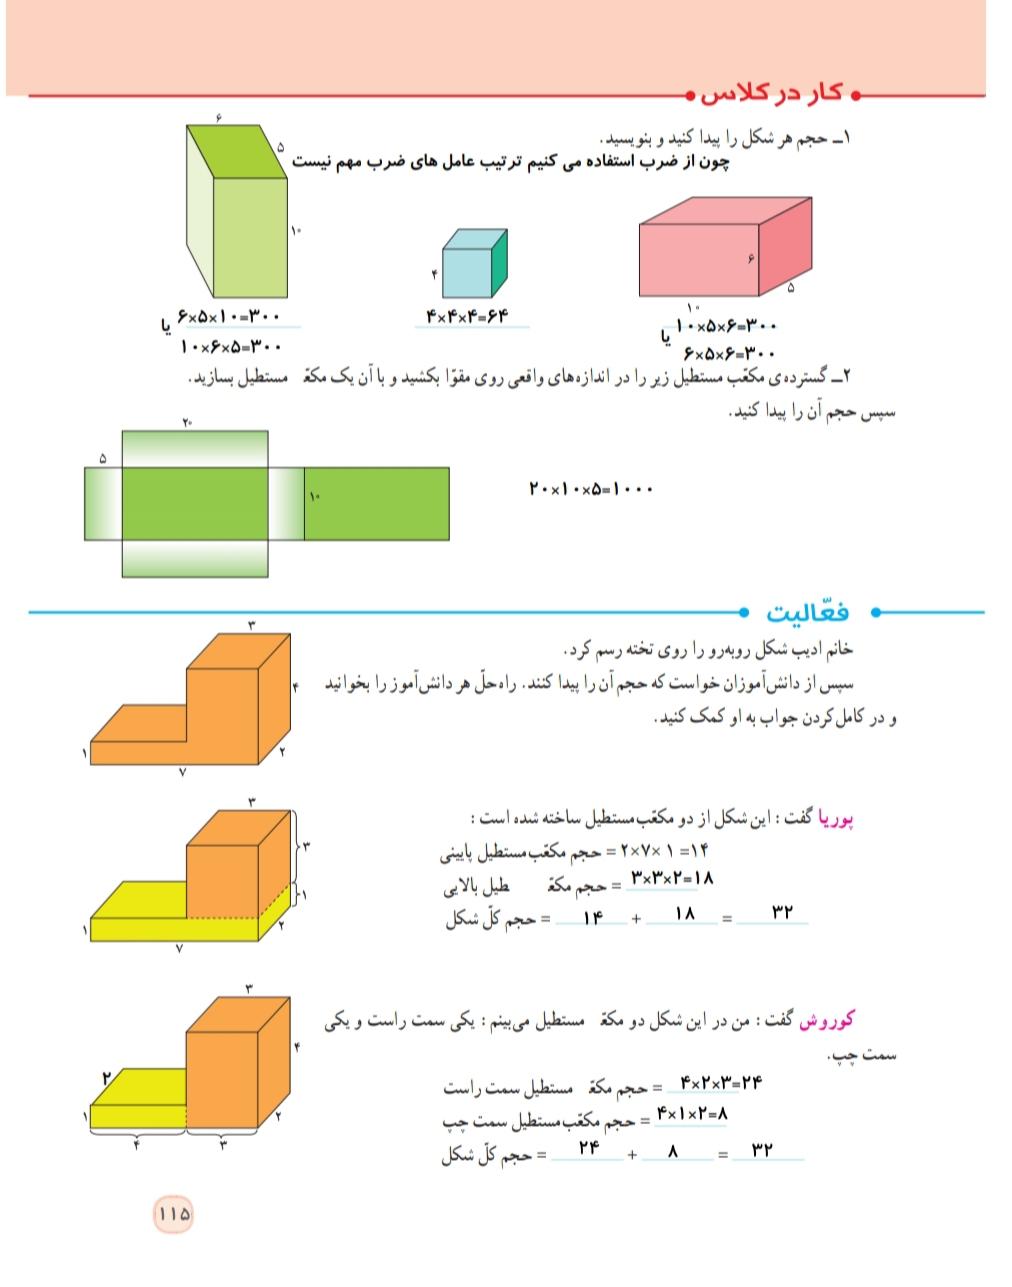 آموزش تدریس حجم ریاضی پنجم+ حل تمام تمرین ها + توضیح و تصویر